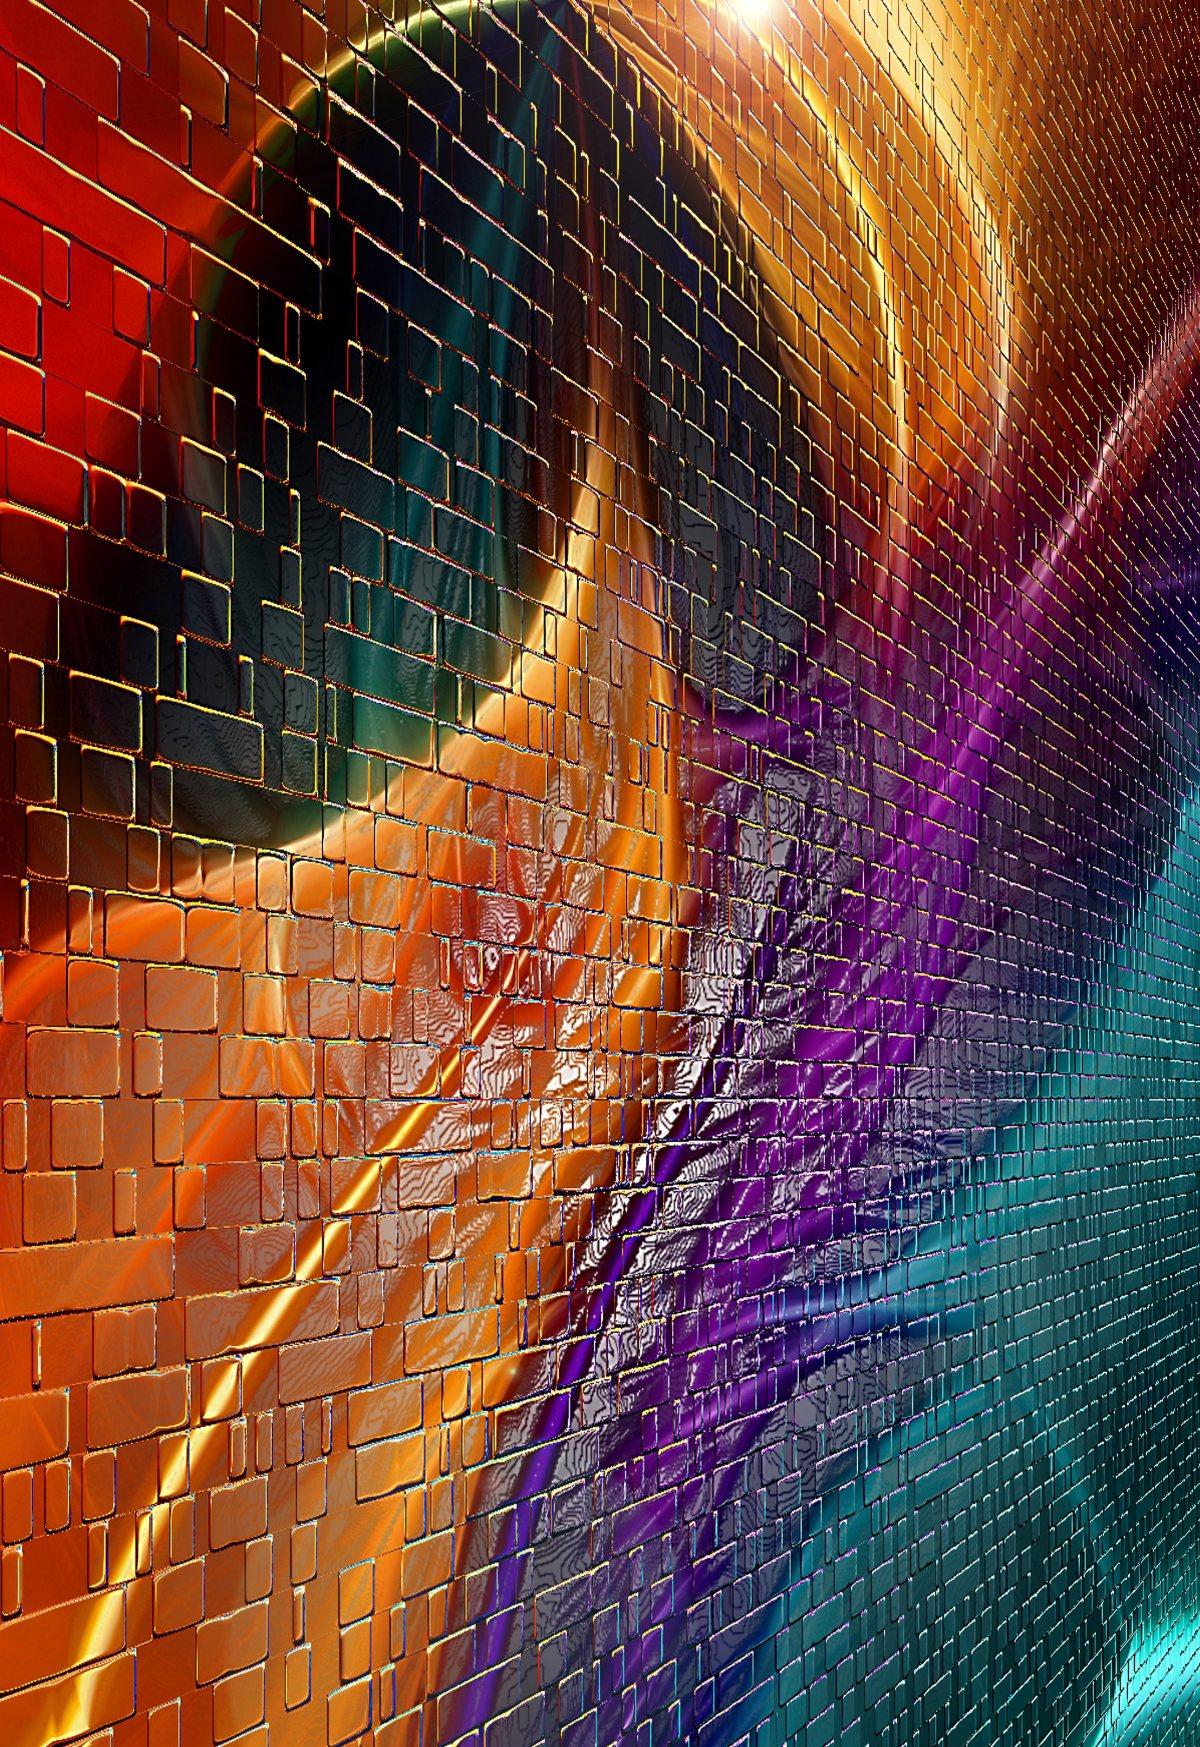 Imagination clipart background Decoration Images decoration wave plane